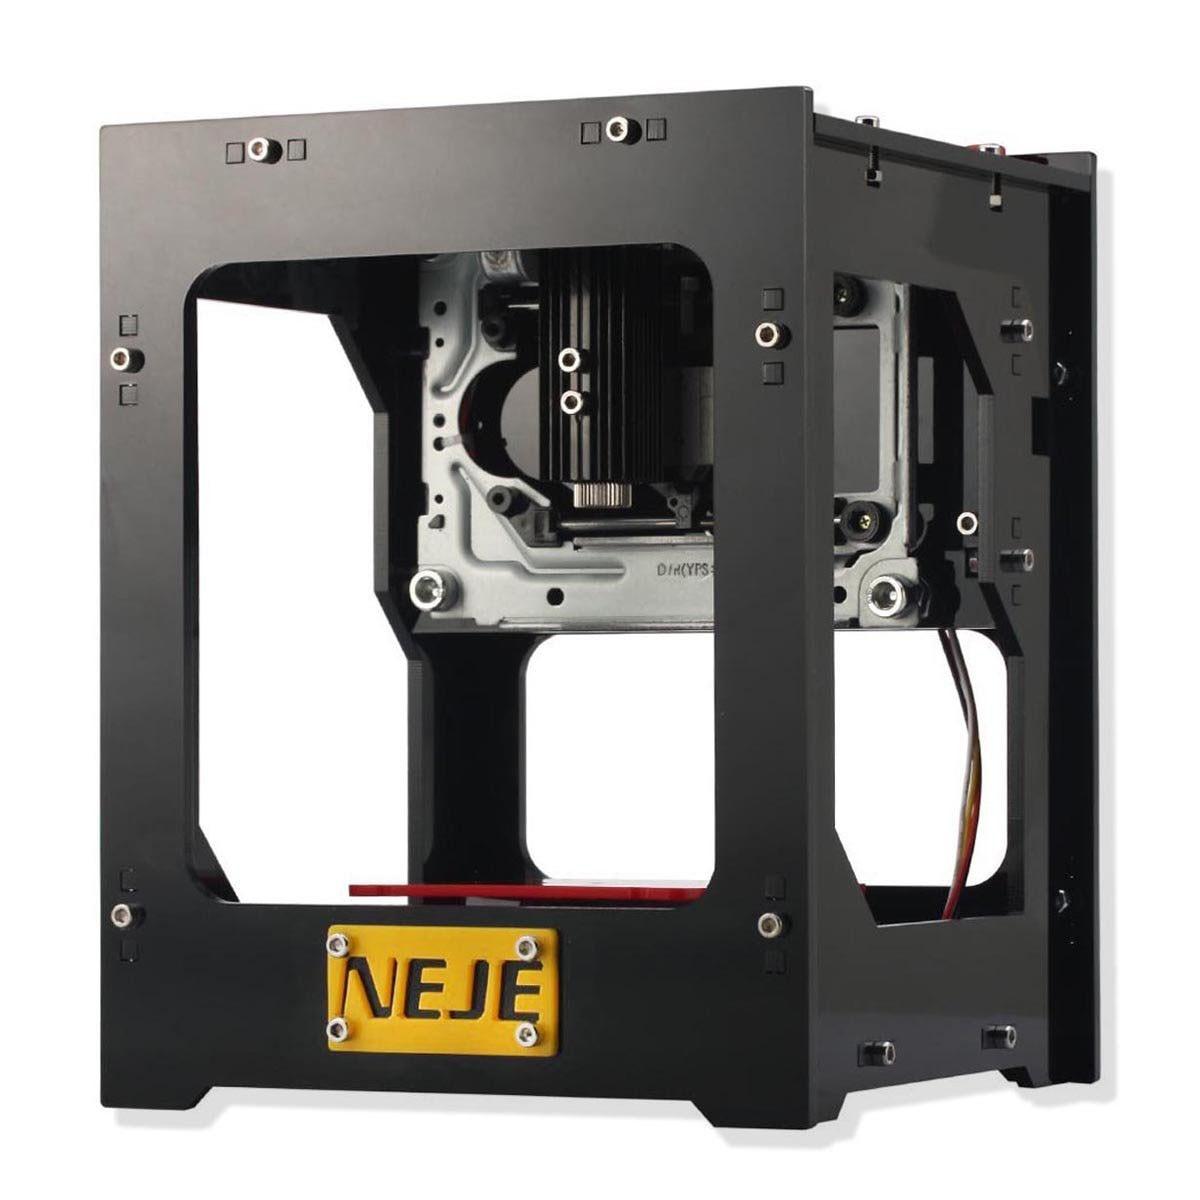 THGS NEJE DK-BL 405nm 1500mW DIY Engraver Printer Laser-Engraving Machine Bluetooth USB dk bl 1500mw mini diy laser engraving machine wireless bluetooth print